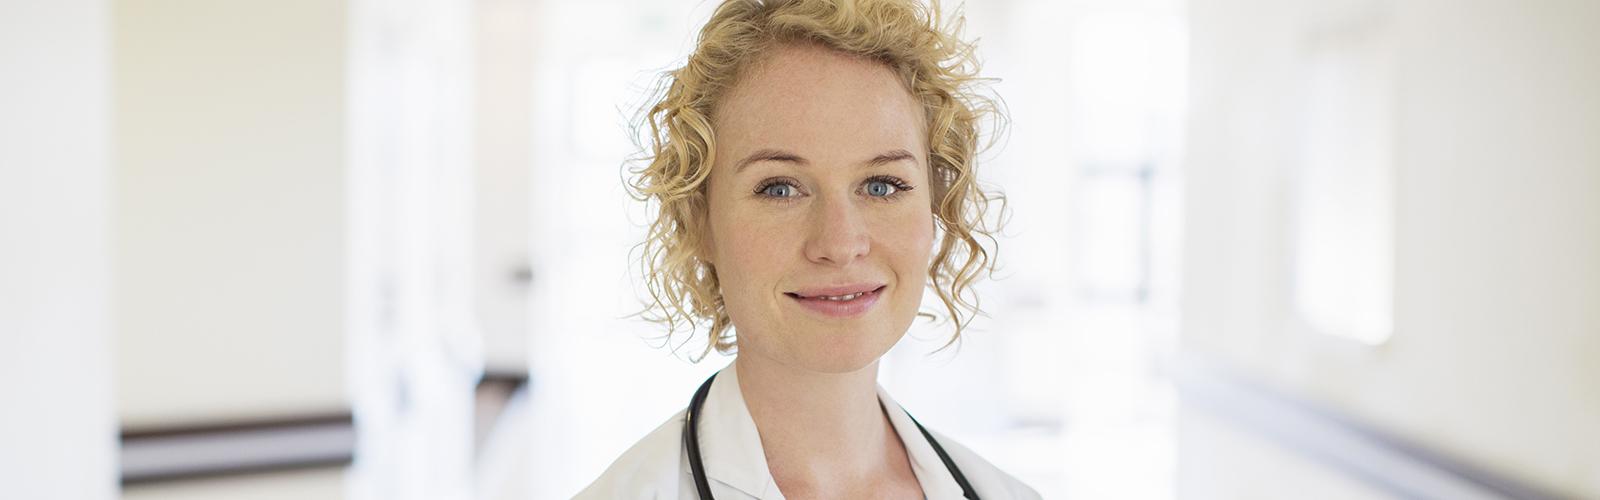 Svetlolasa zdravnica s stetoskopom se smeji na bolnišničnem hodniku